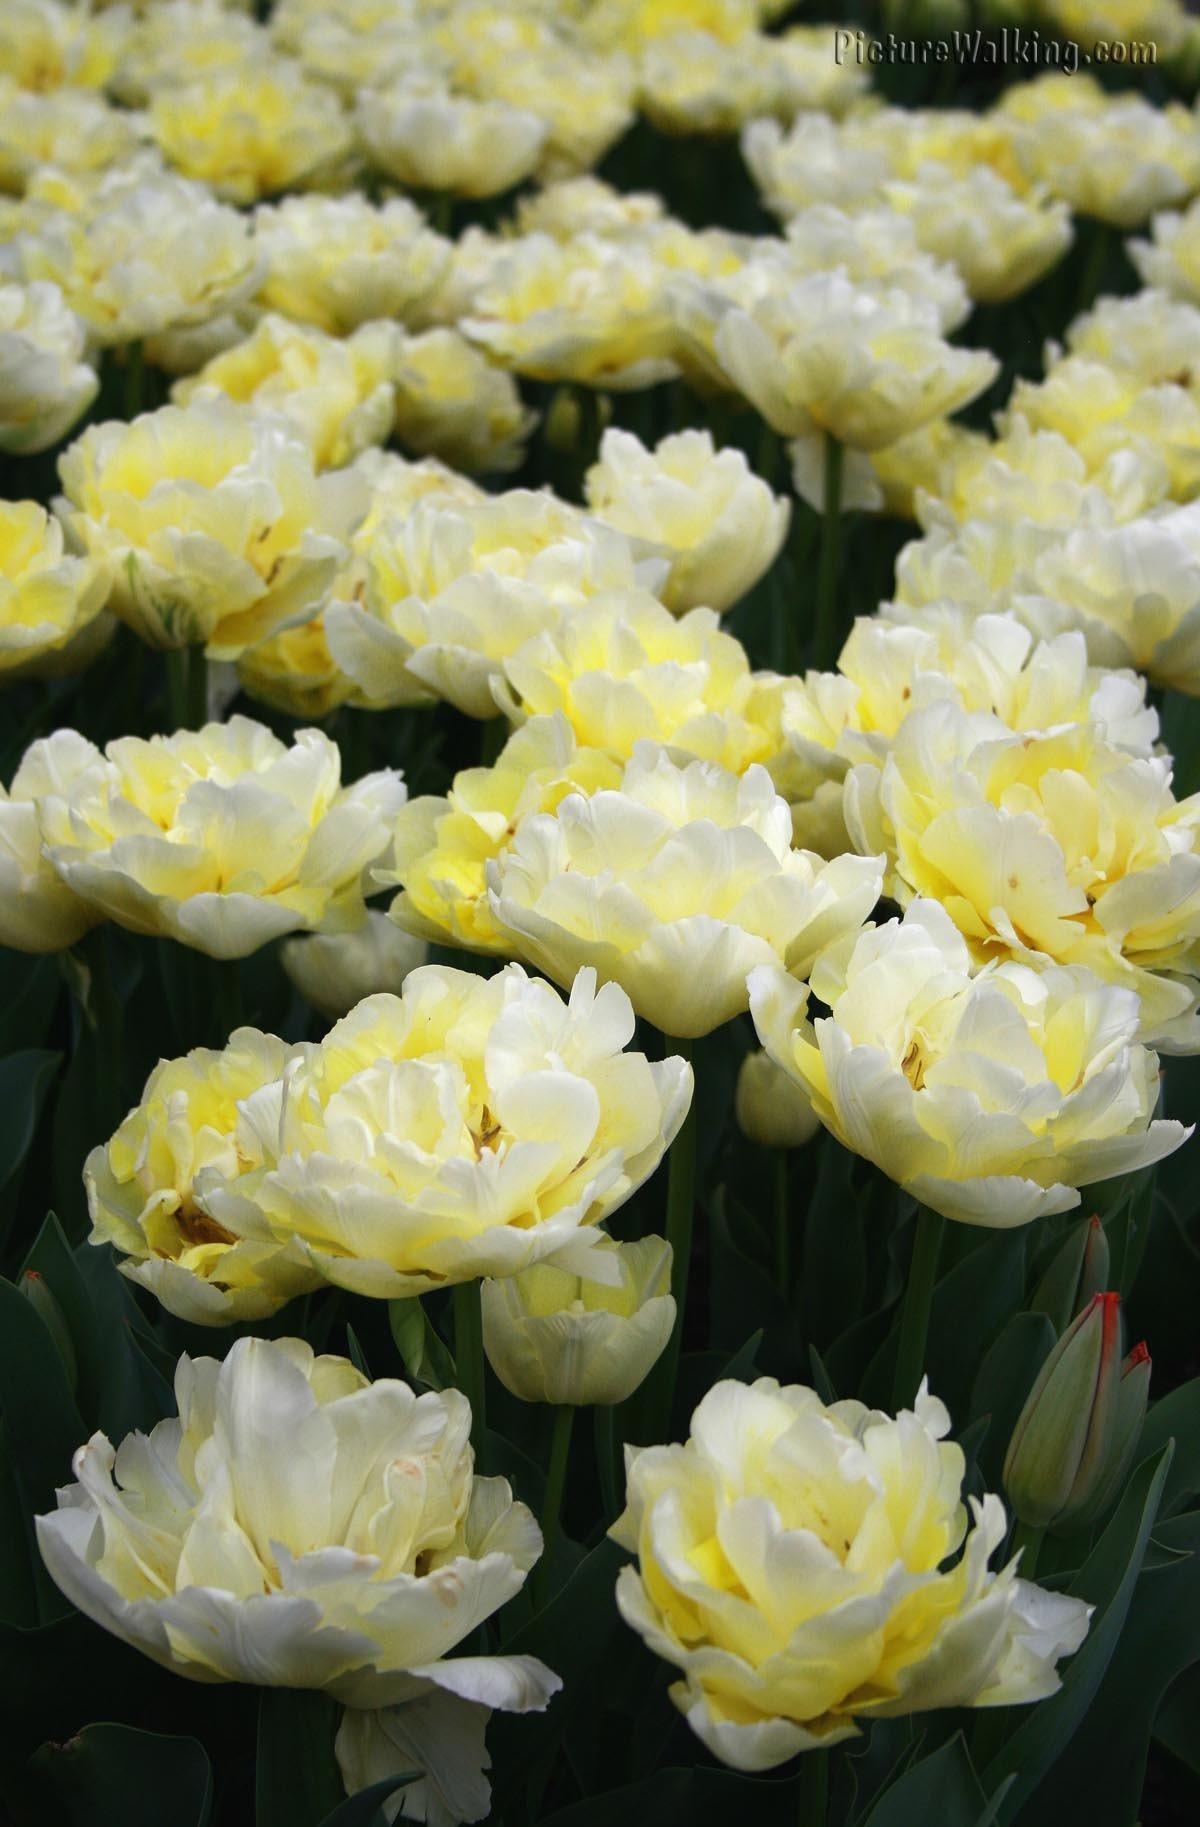 Flores Blancas Tulipa Holand Snow